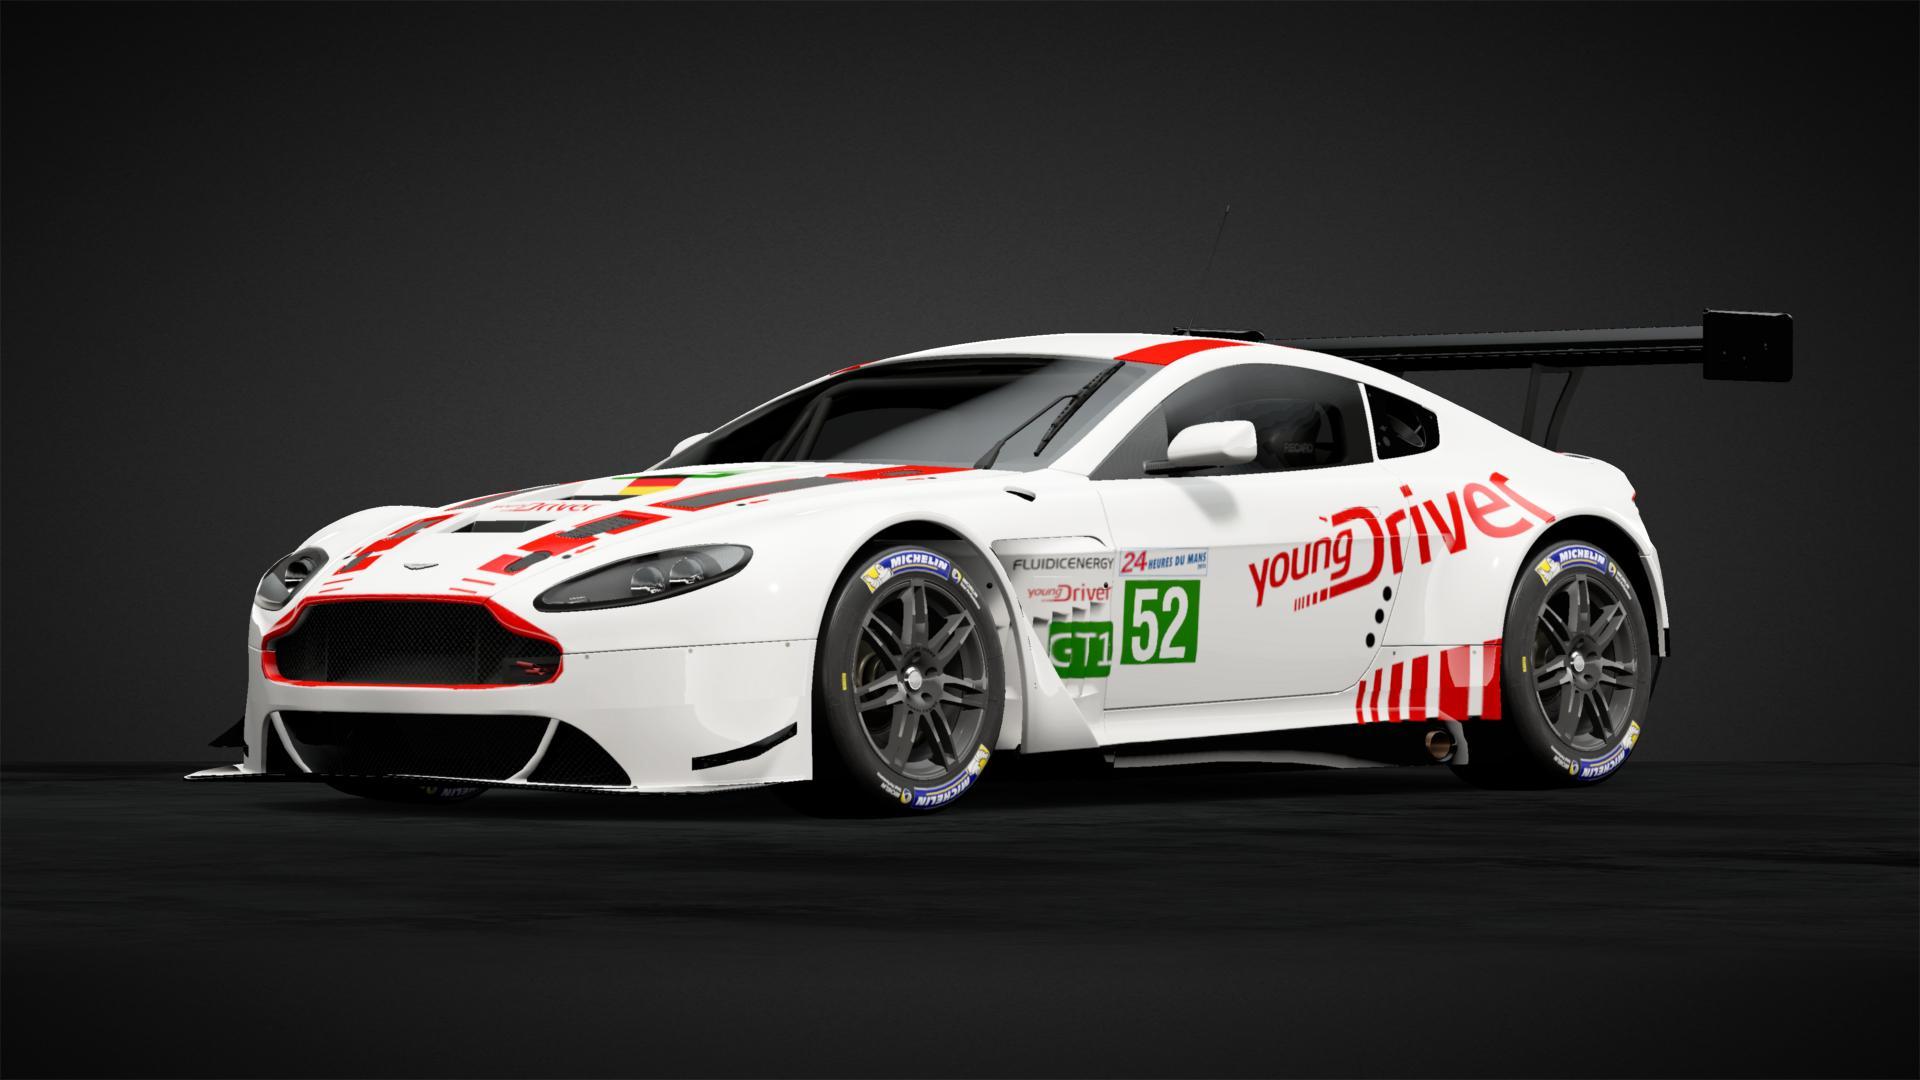 Aston Martin Dbr9 Gt1 52 Car Livery By Goliath X113 Community Gran Turismo Sport